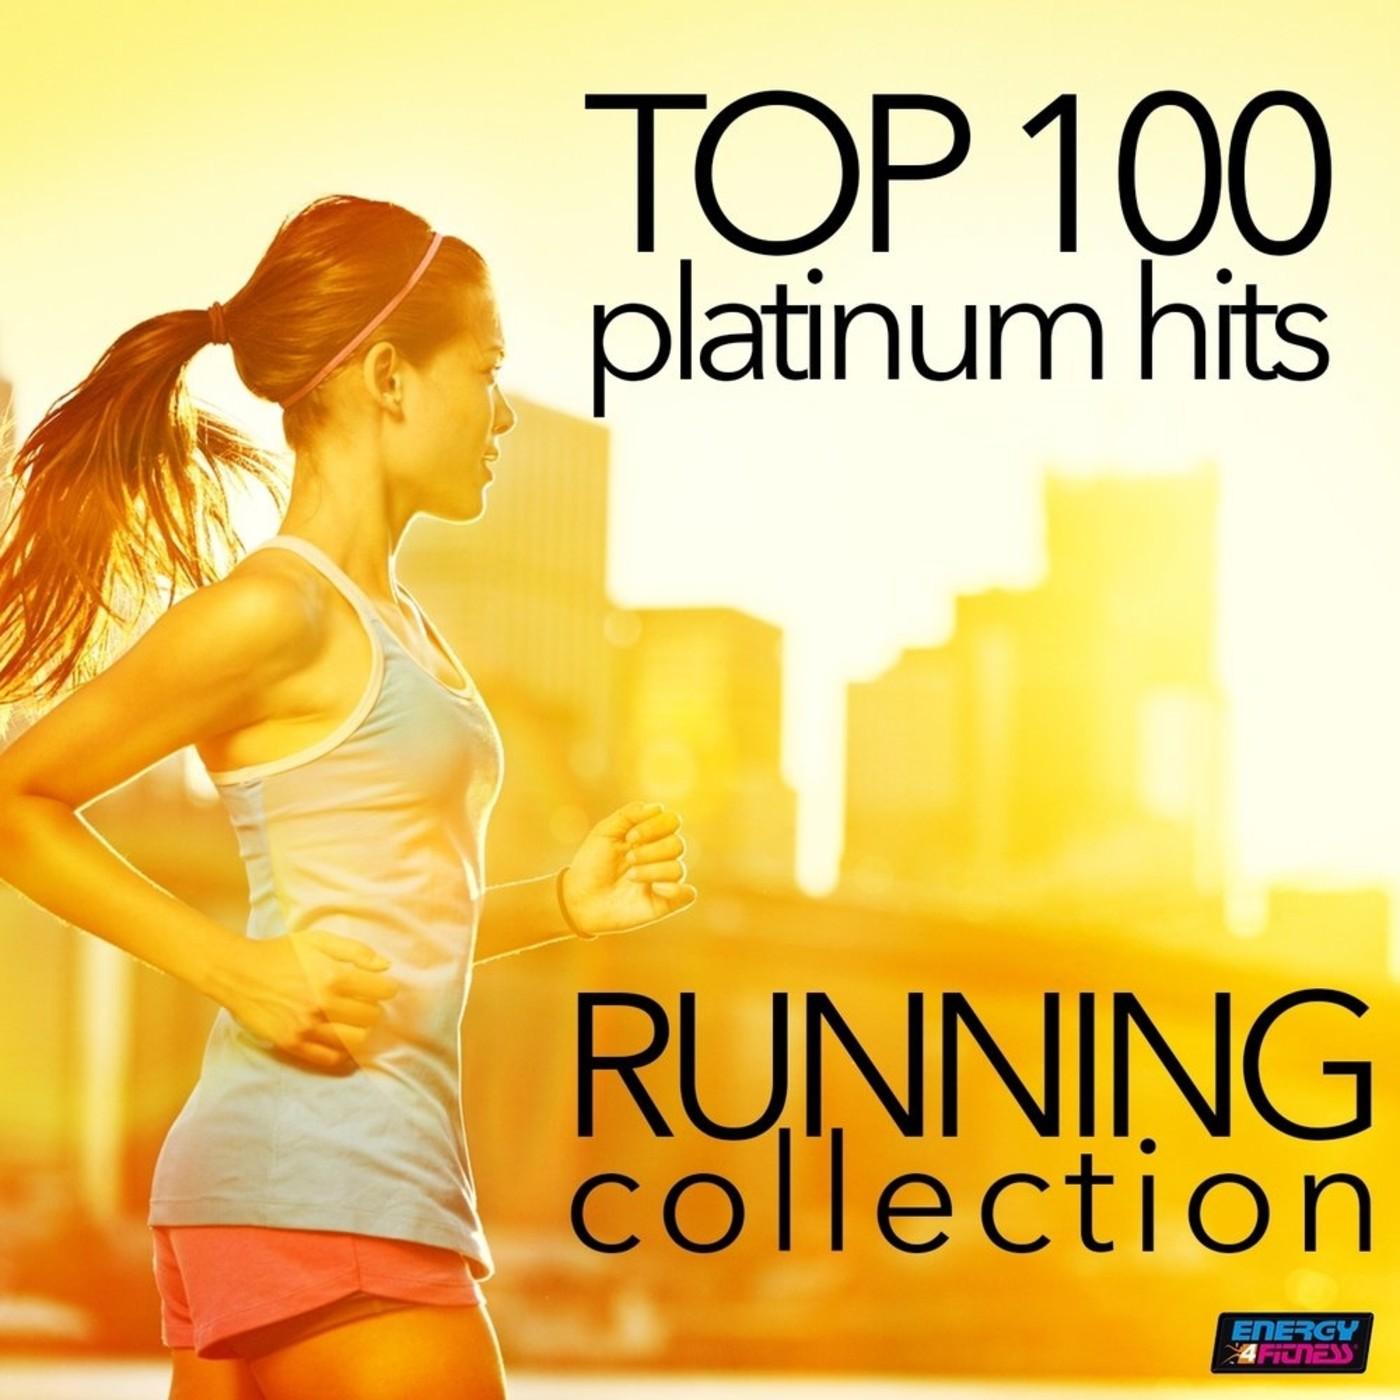 top-100-platinum-hits:-running-–-fitness-&-music-2020